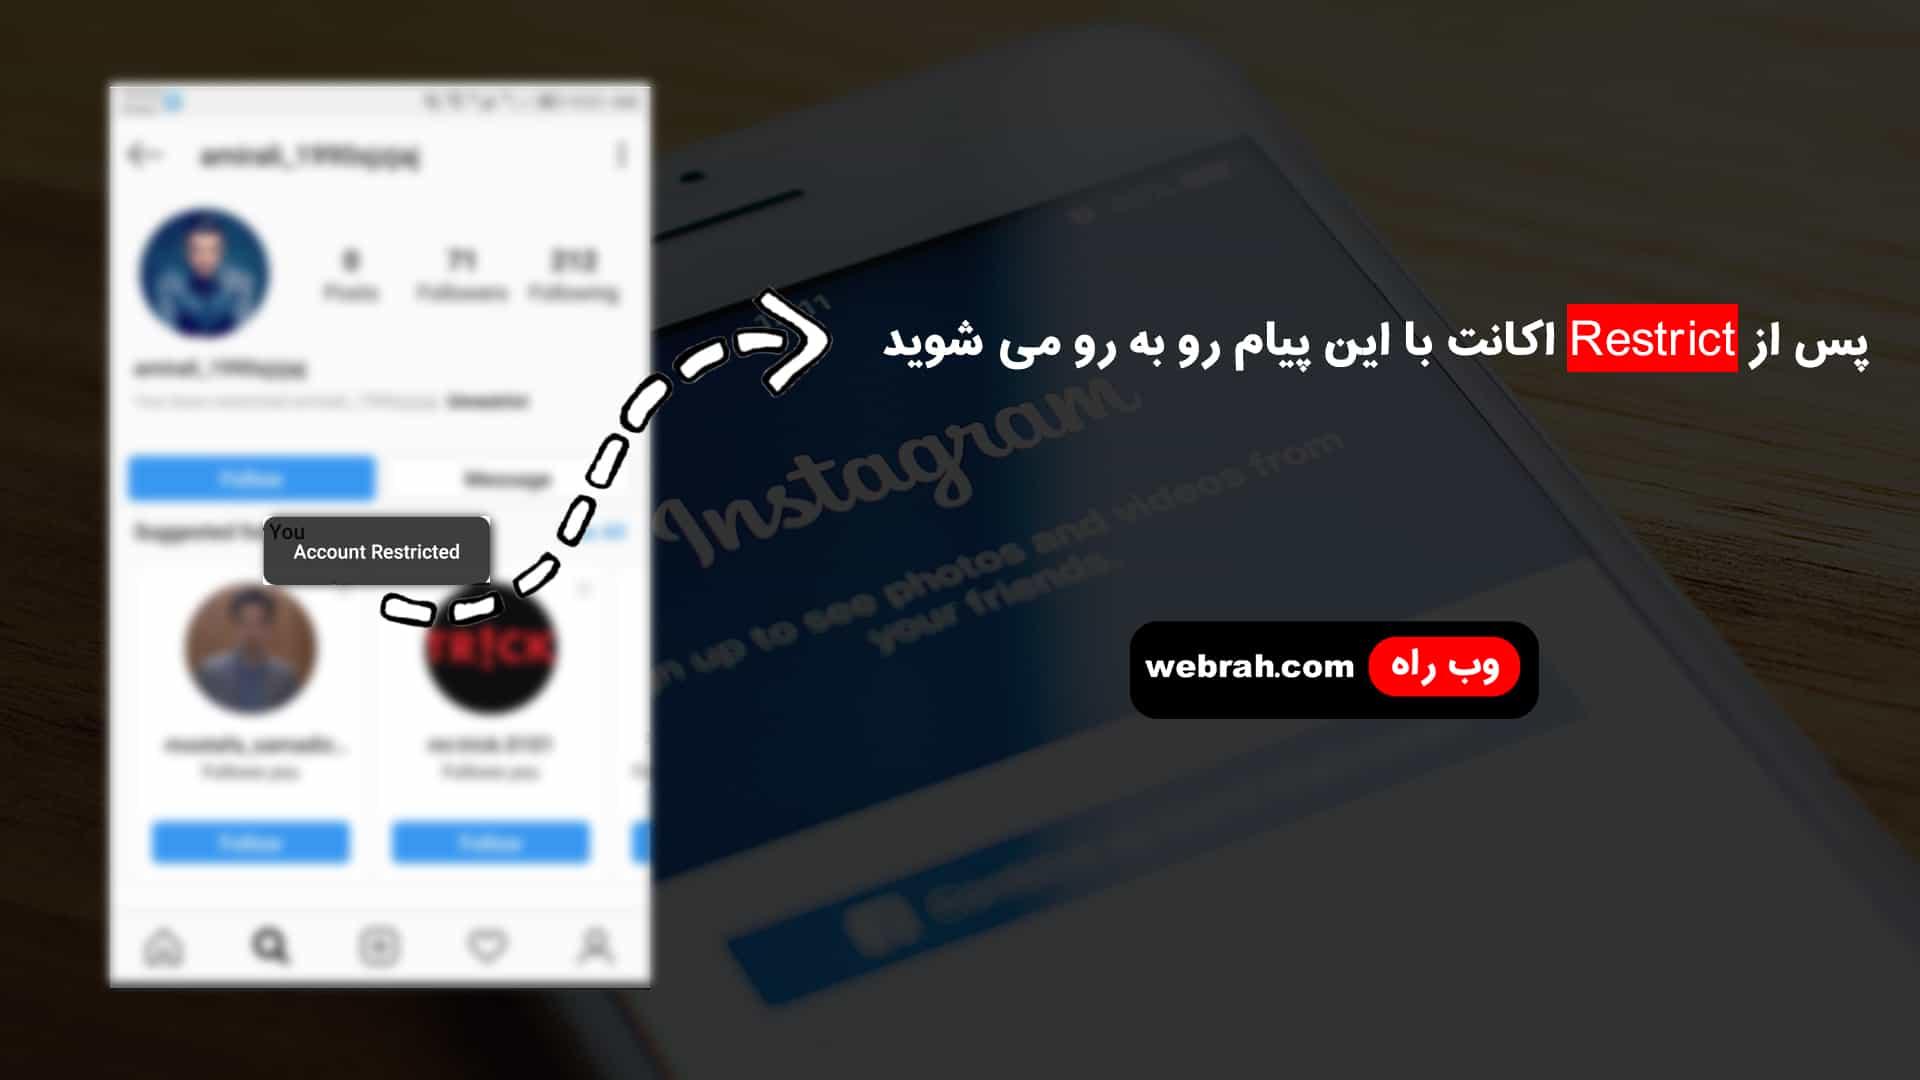 استفاده-از-قابلیت-restrict-برای-خواندن-پیام-در-دایرکت-بدون-سین-خوردن-در-اینستاگرام-6